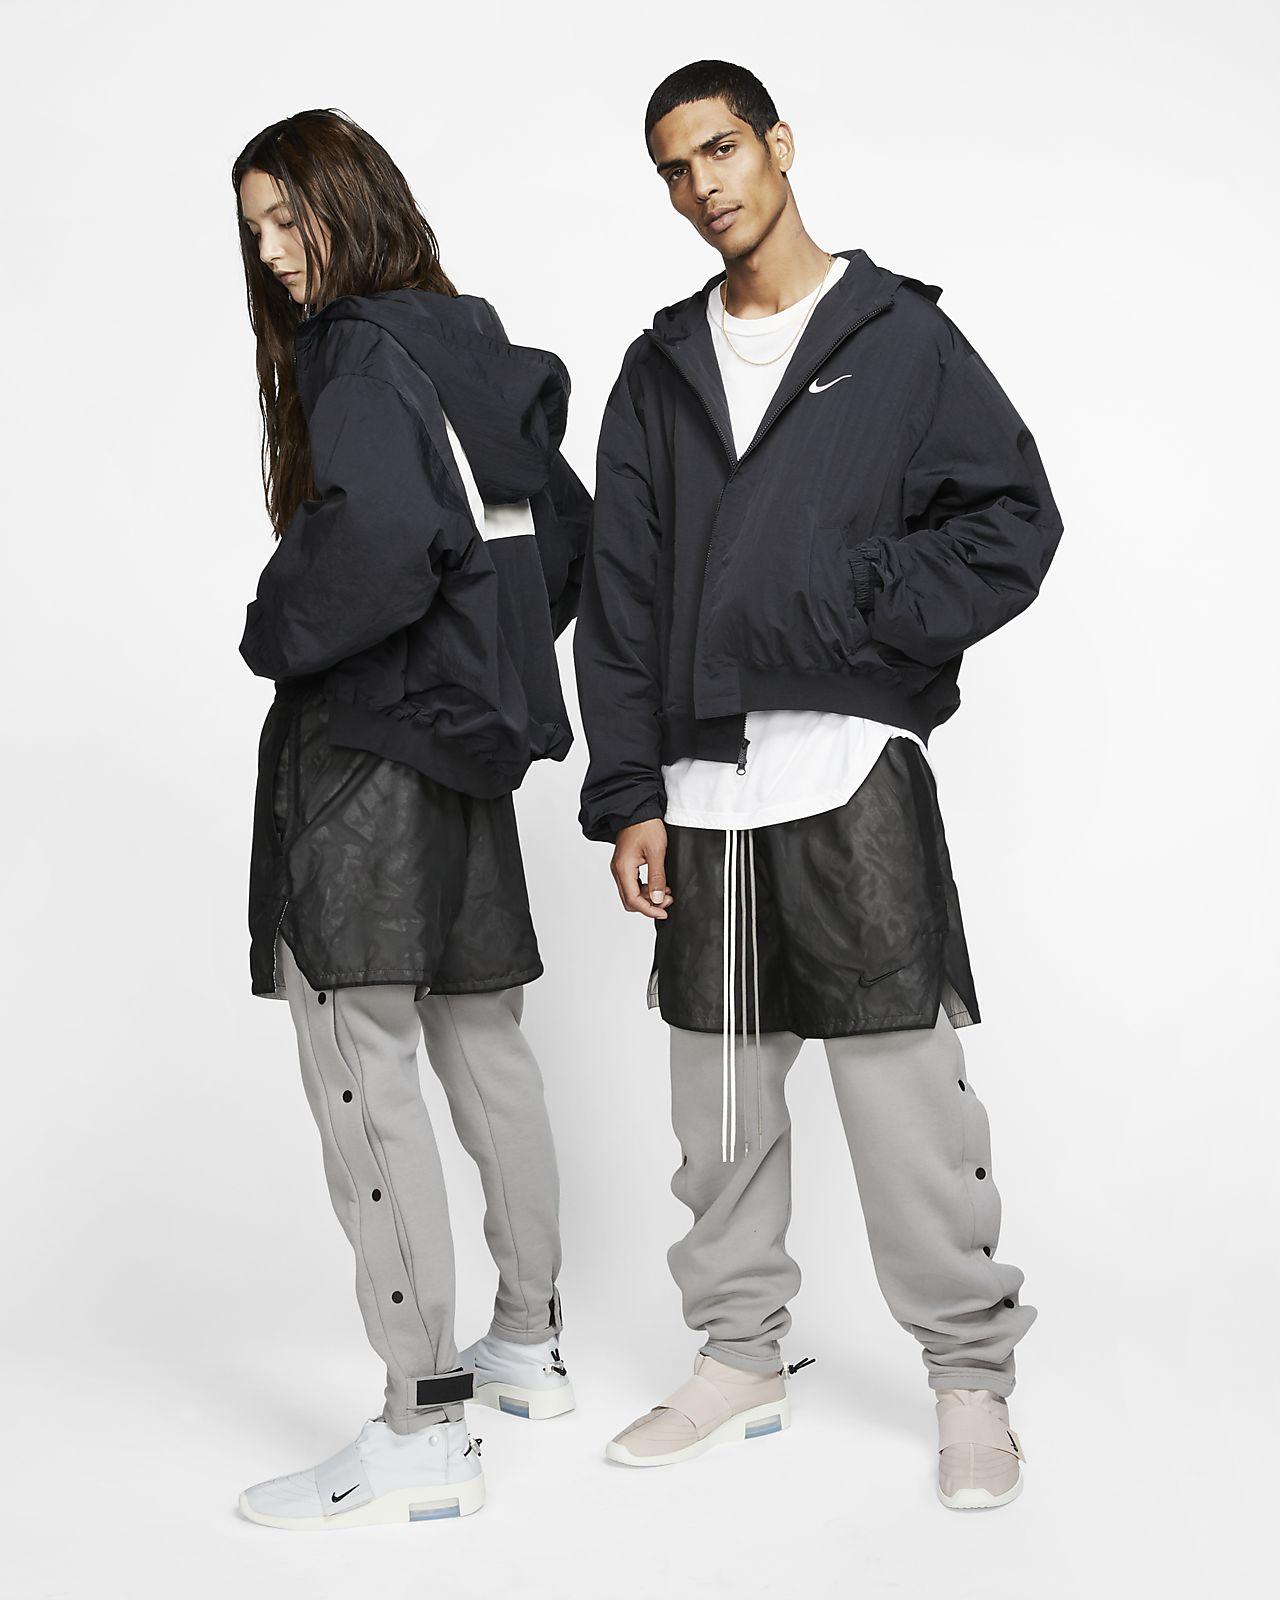 Nike x Fear of God Men's Hooded Bomber